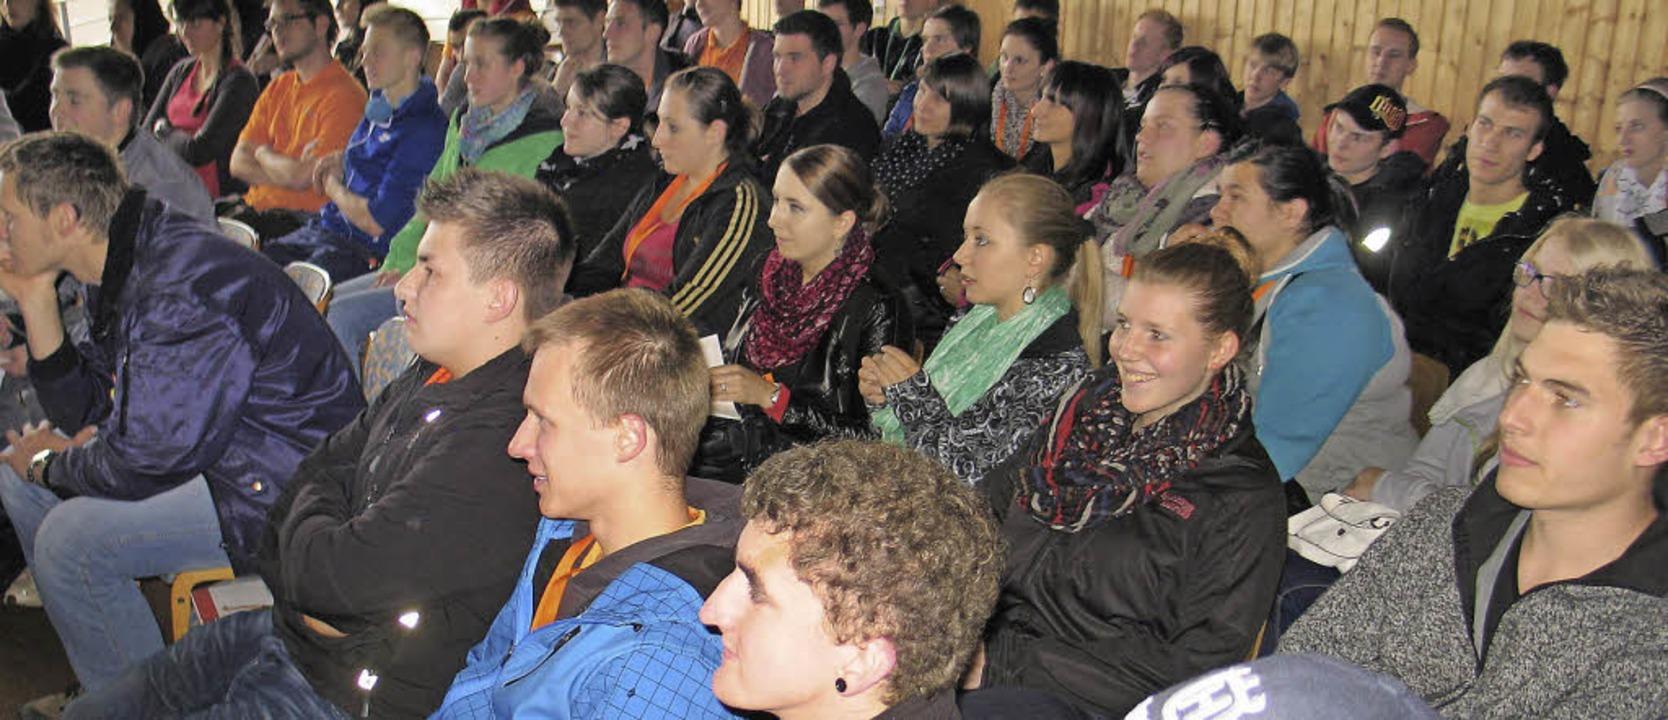 Auszubildende beim Azubi-Tag des IOW, der im Bundesleistungszentrum stattfand.     Foto: Michaela Renz